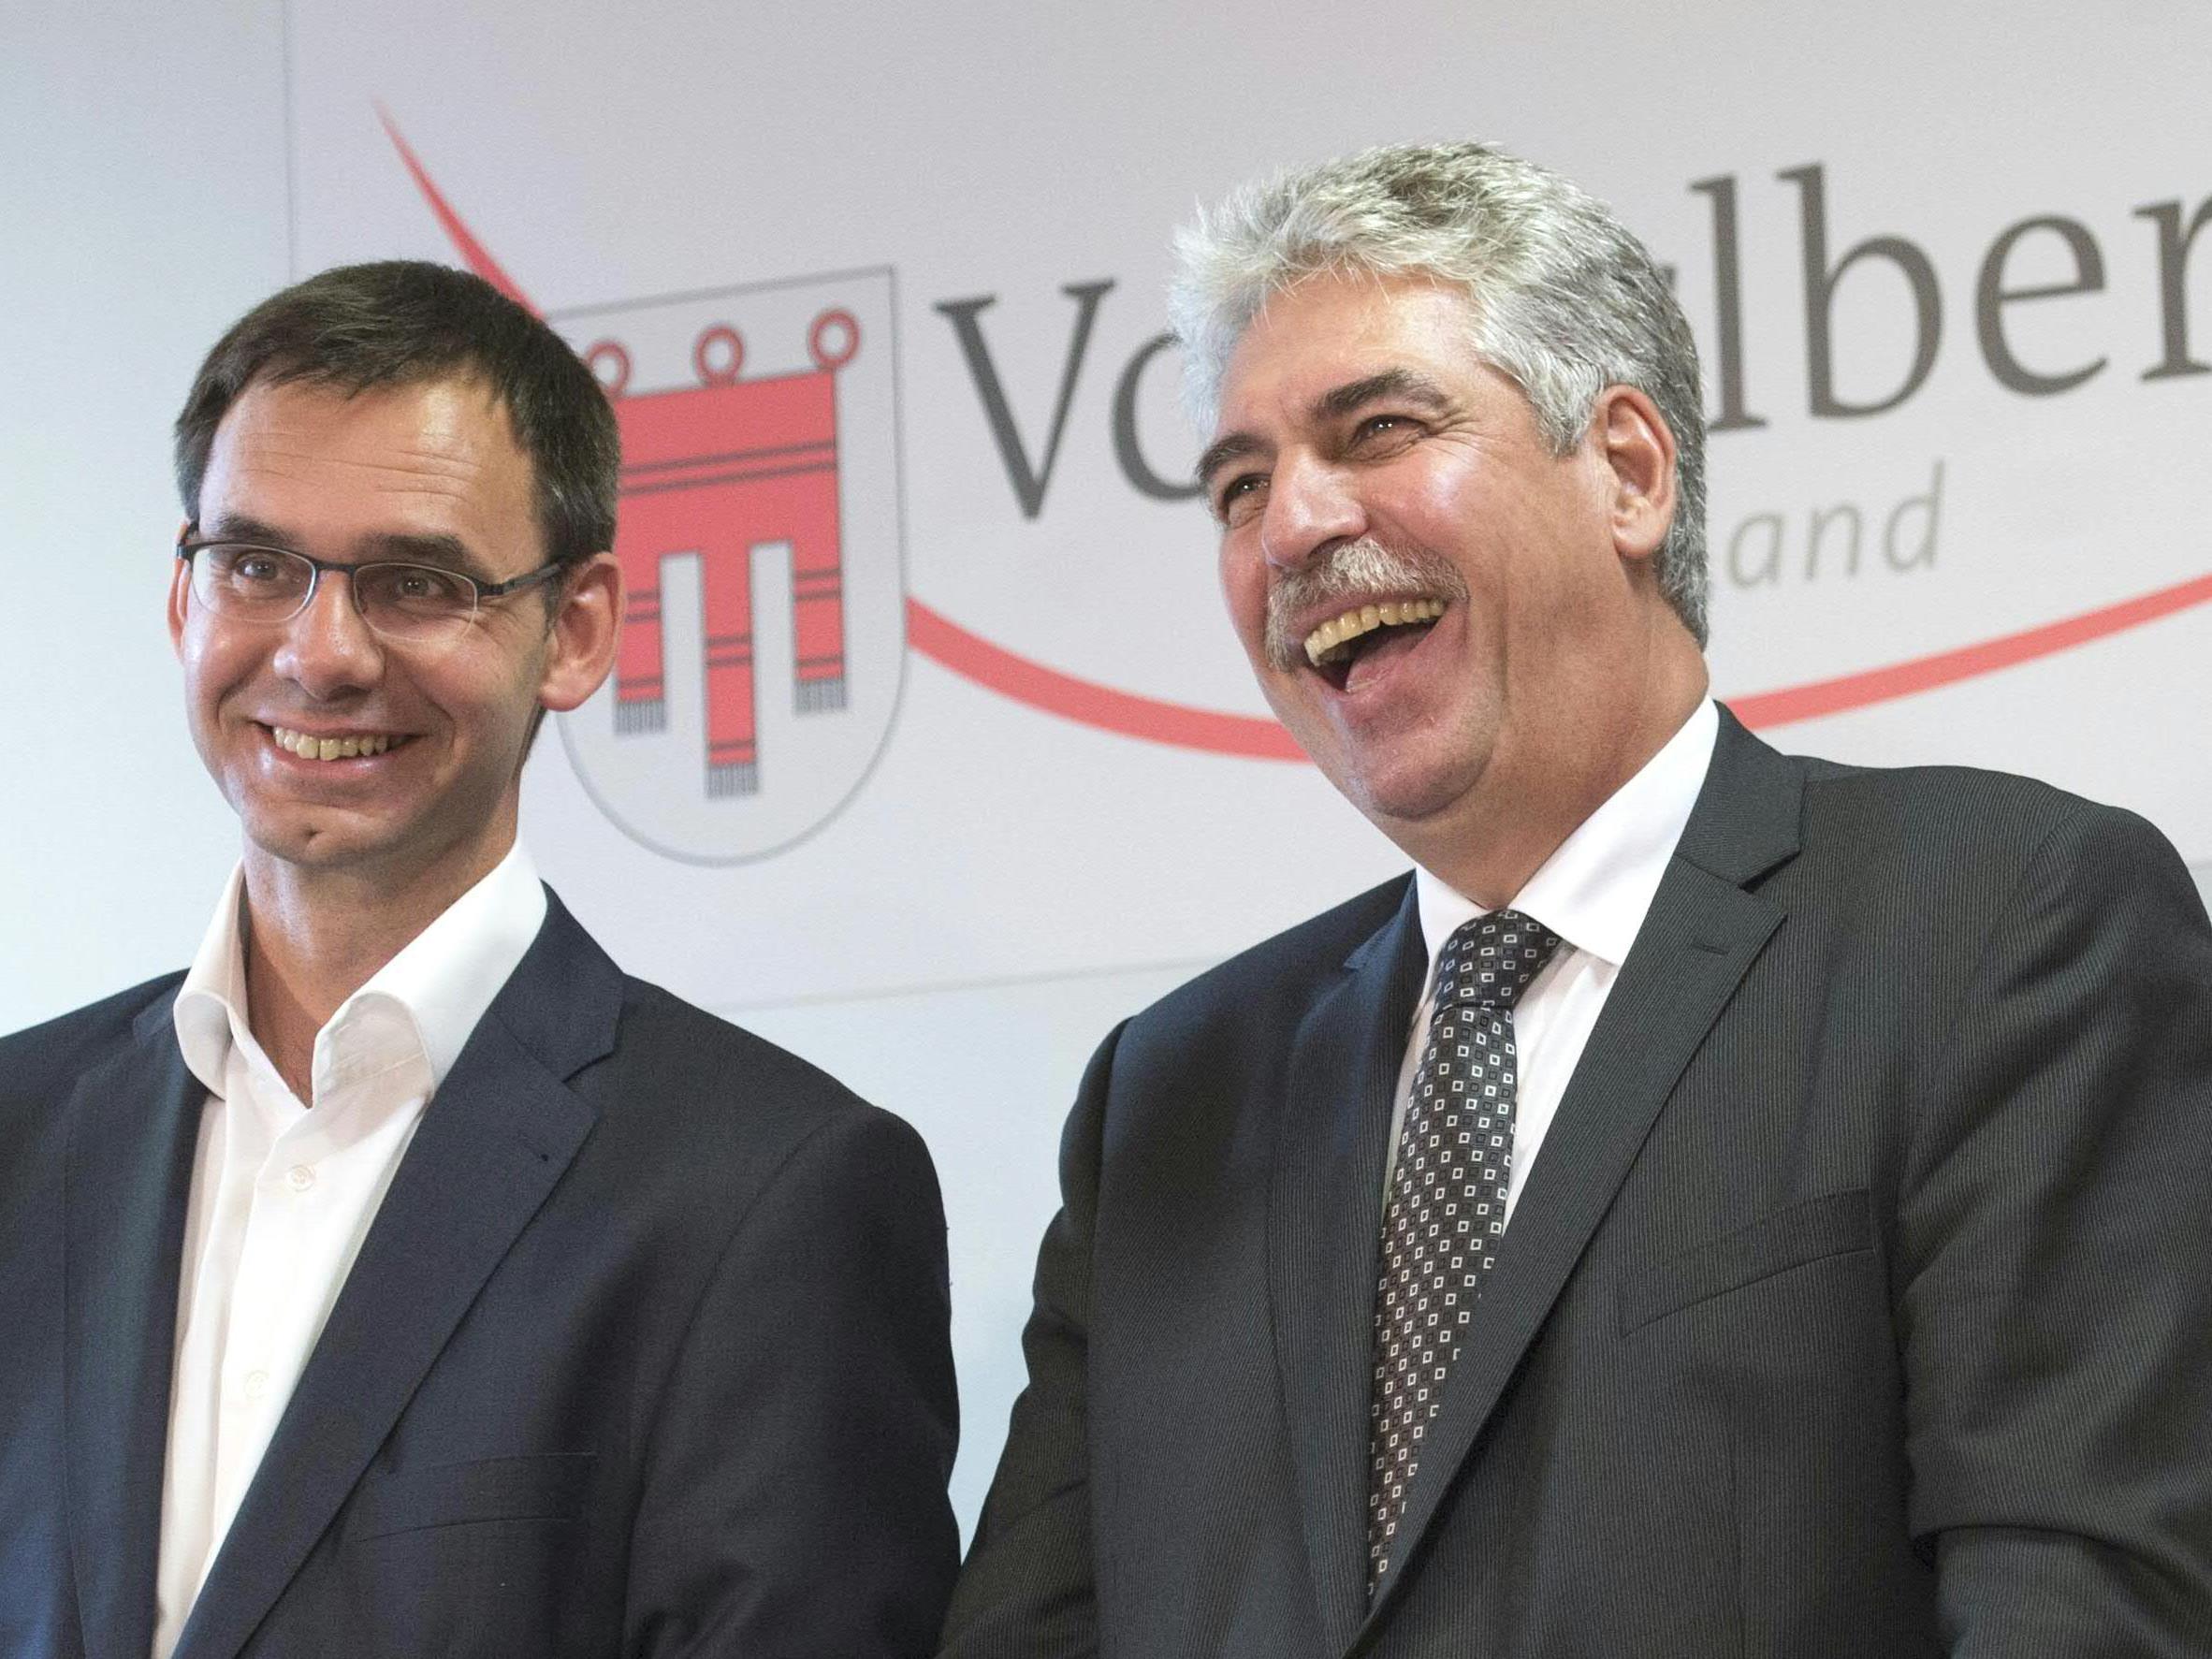 Wallner und Finanzminister Schelling (beide ÖVP) sind zumindest prinzipiell auf einer Linie.